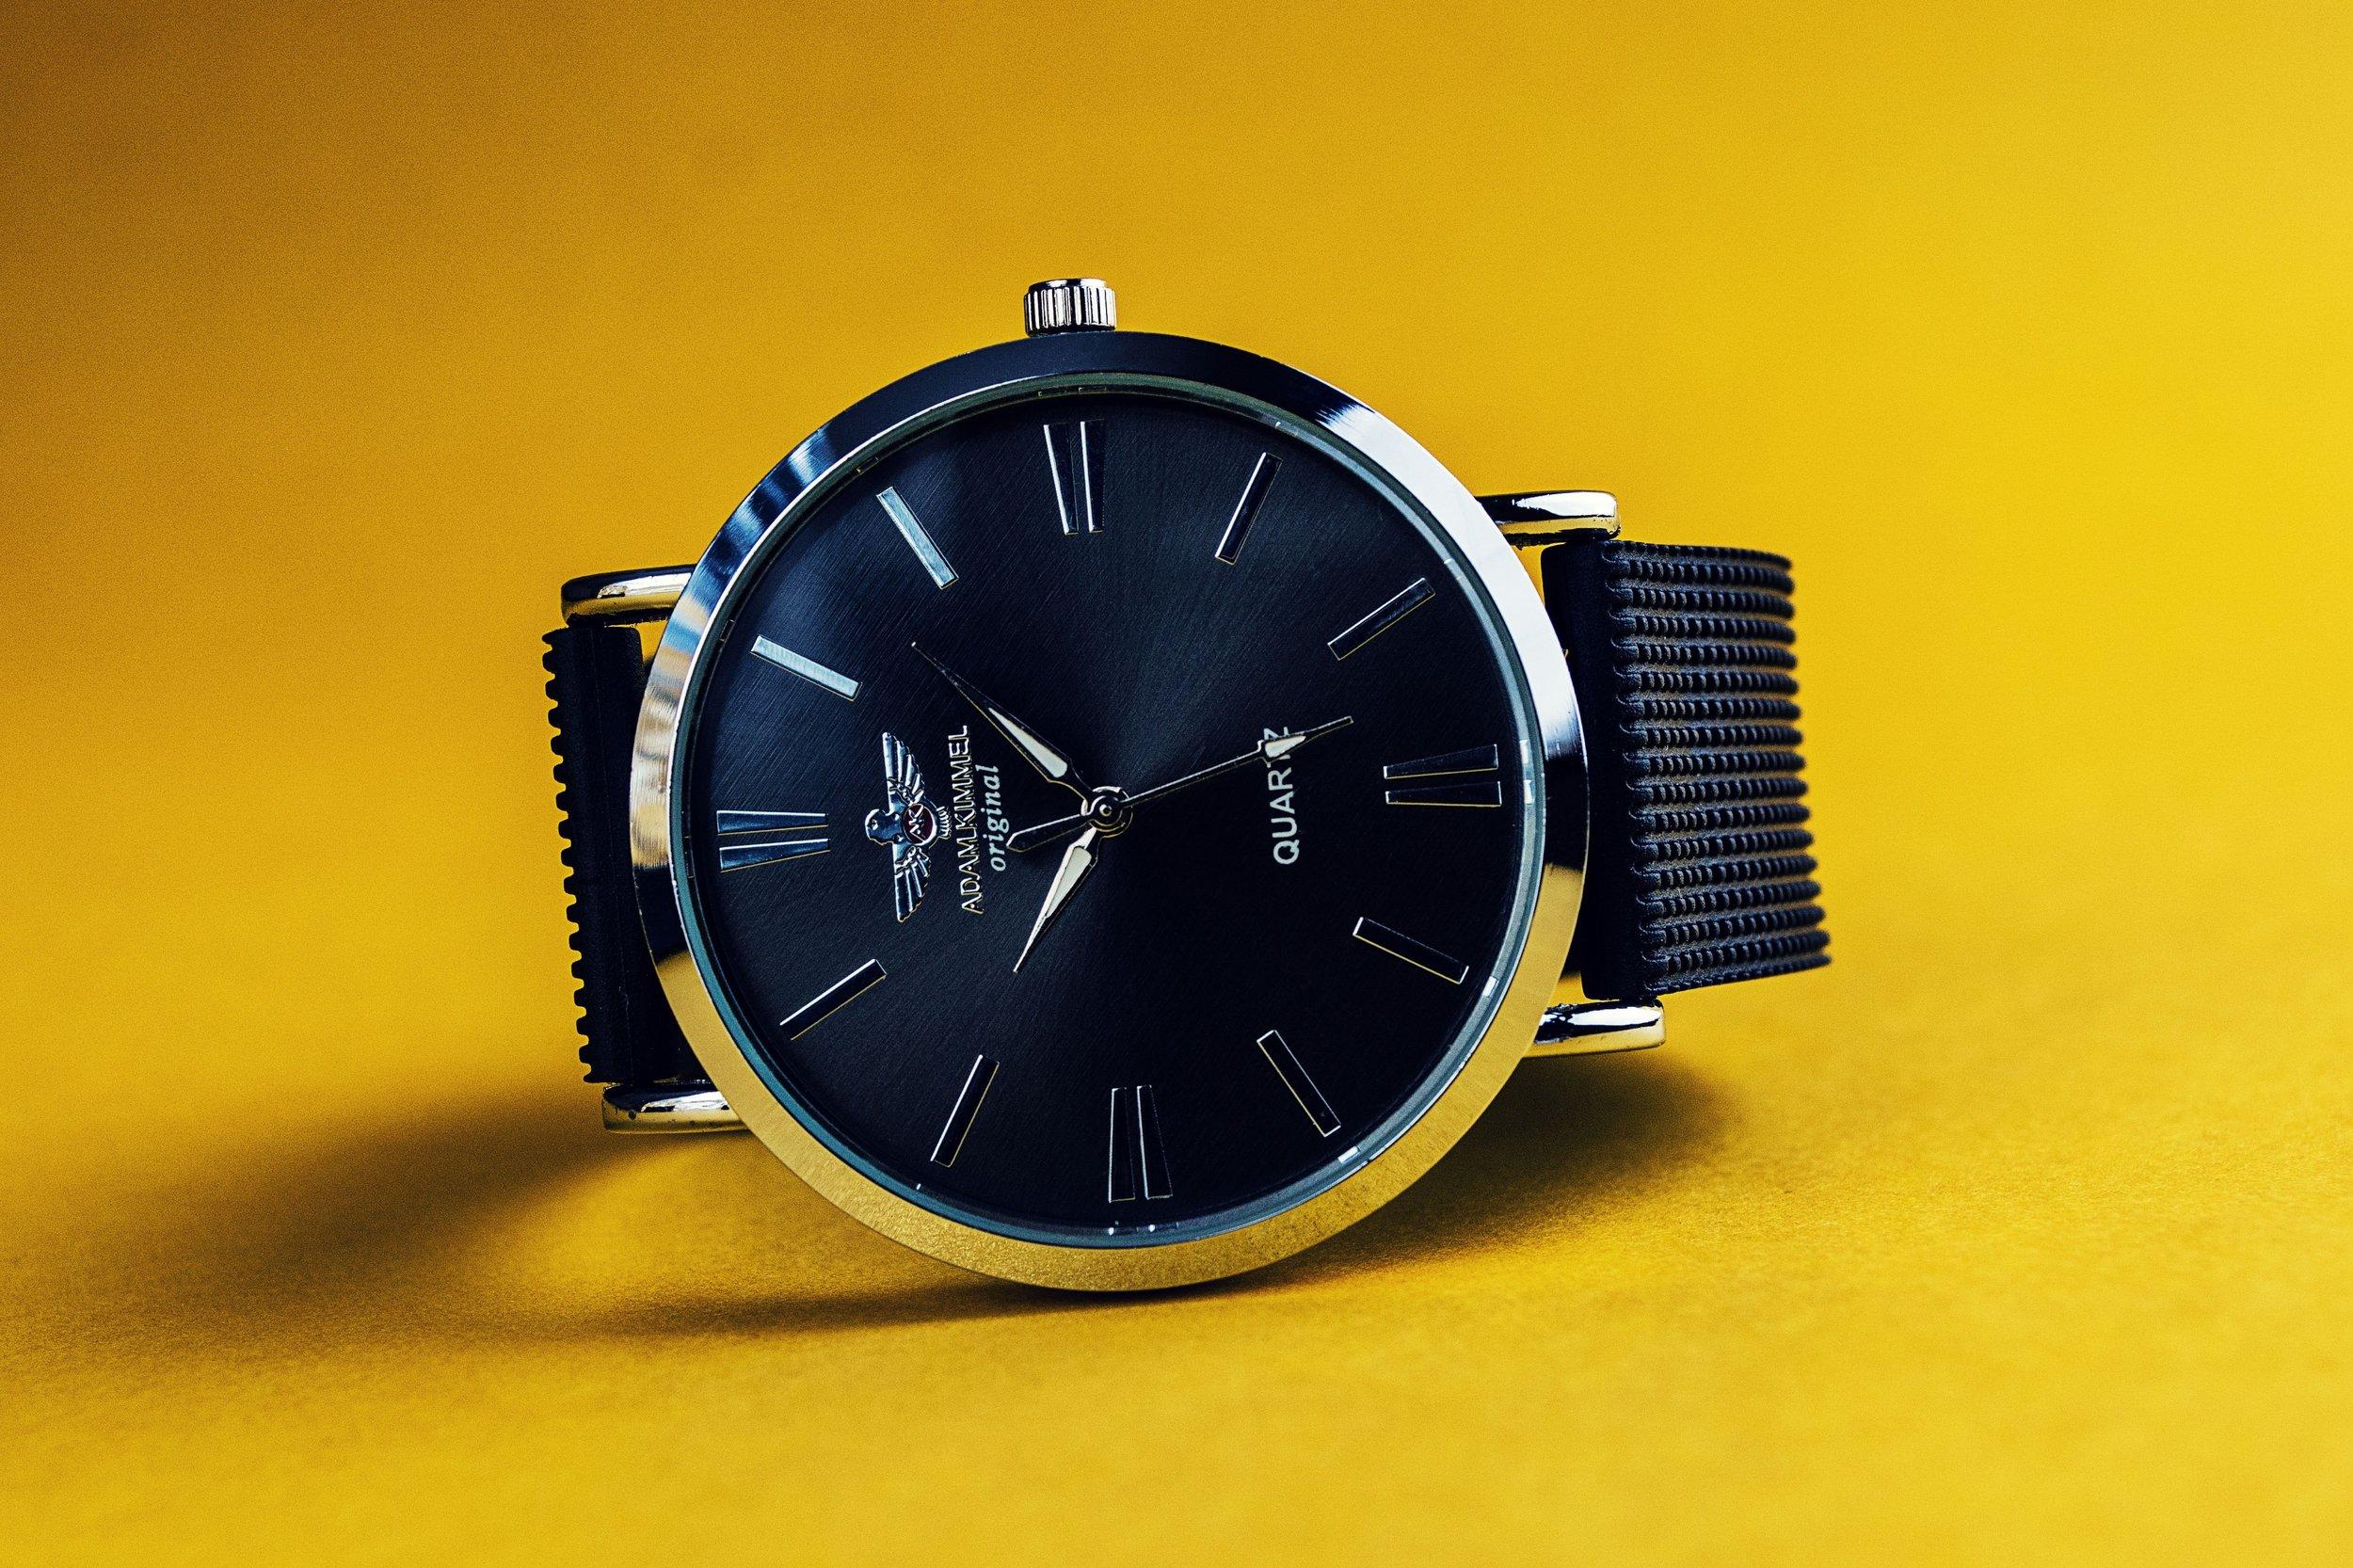 classic-clock-conceptual-277390.jpg